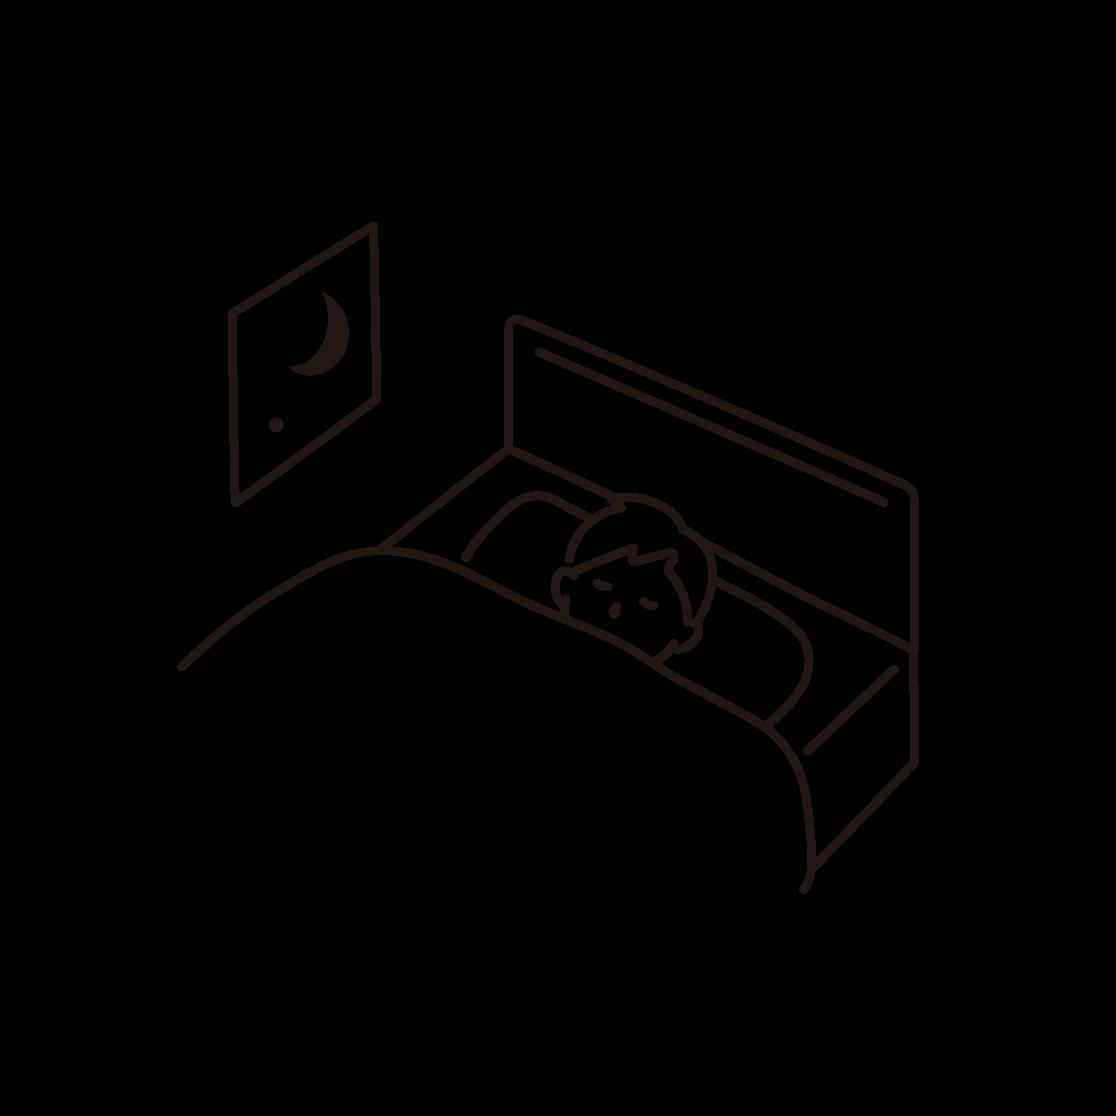 寝ている男性の線画イラスト